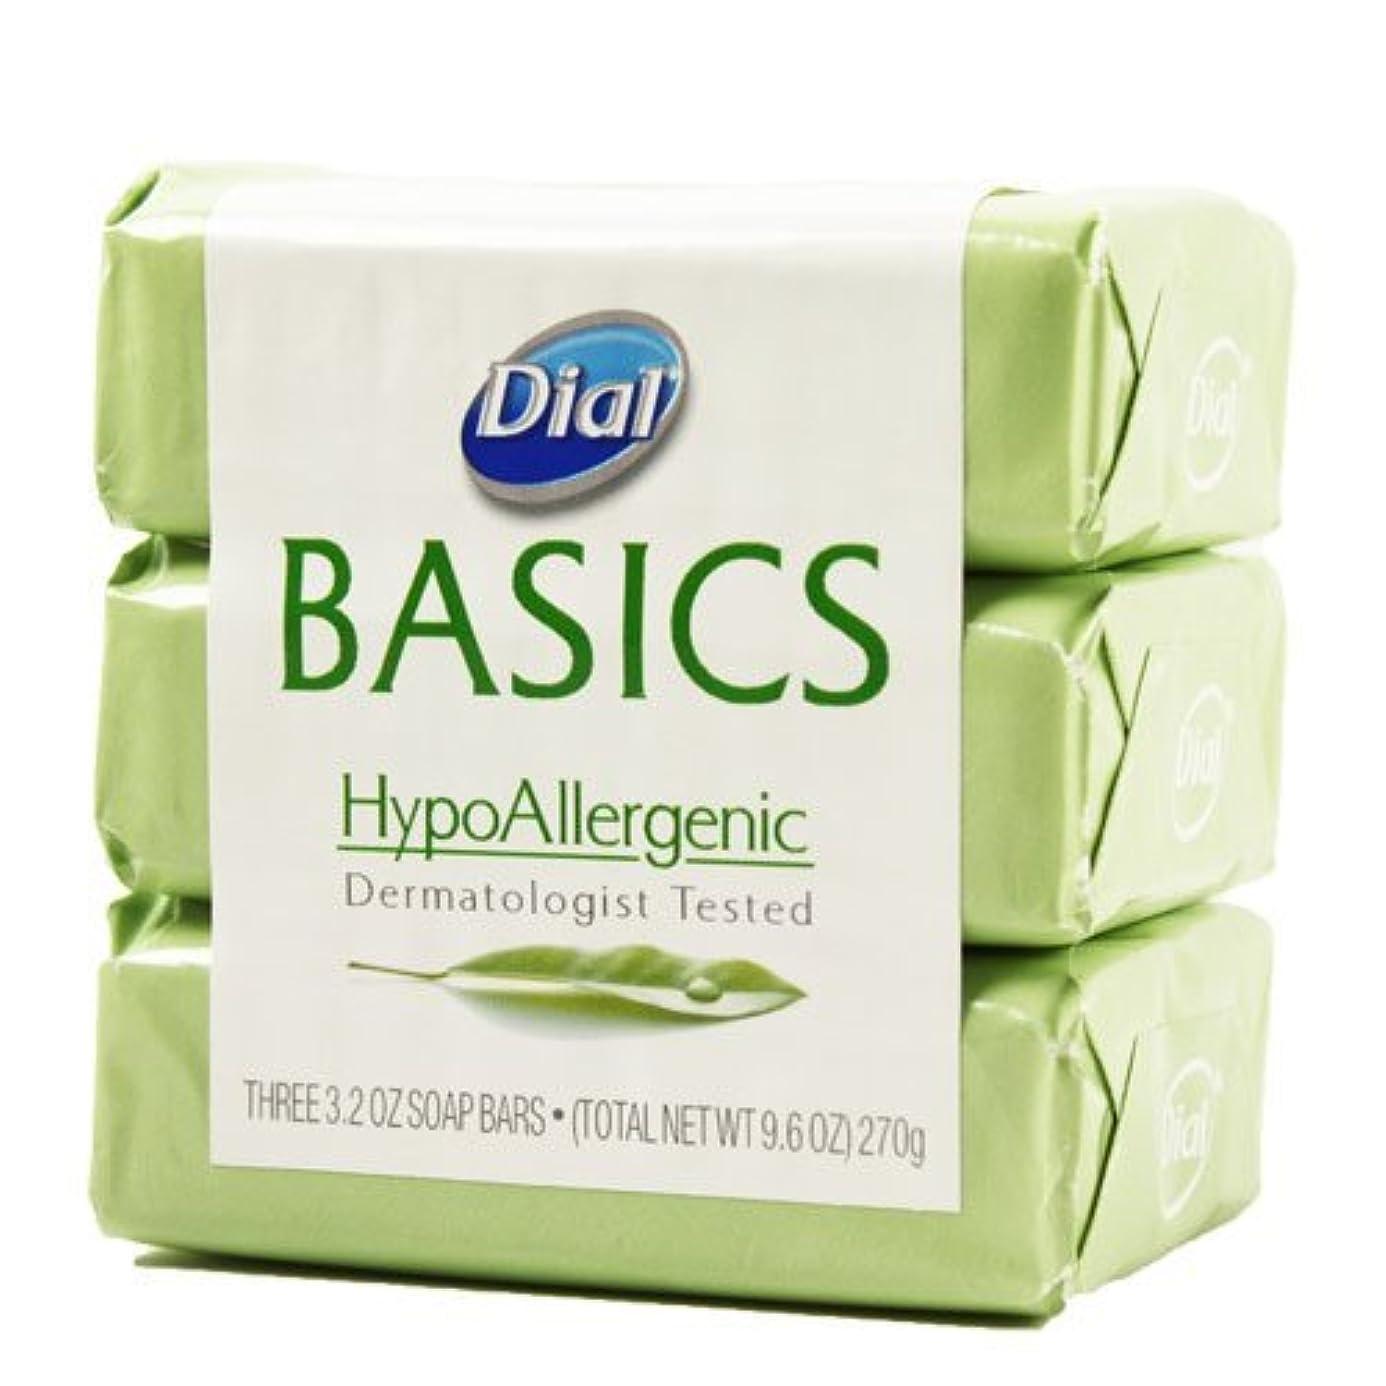 乏しい牧師くすぐったいDial Basics HypoAllergenic Dermatologist Tested Bar Soap, 3.2 oz (18 Bars) by Basics